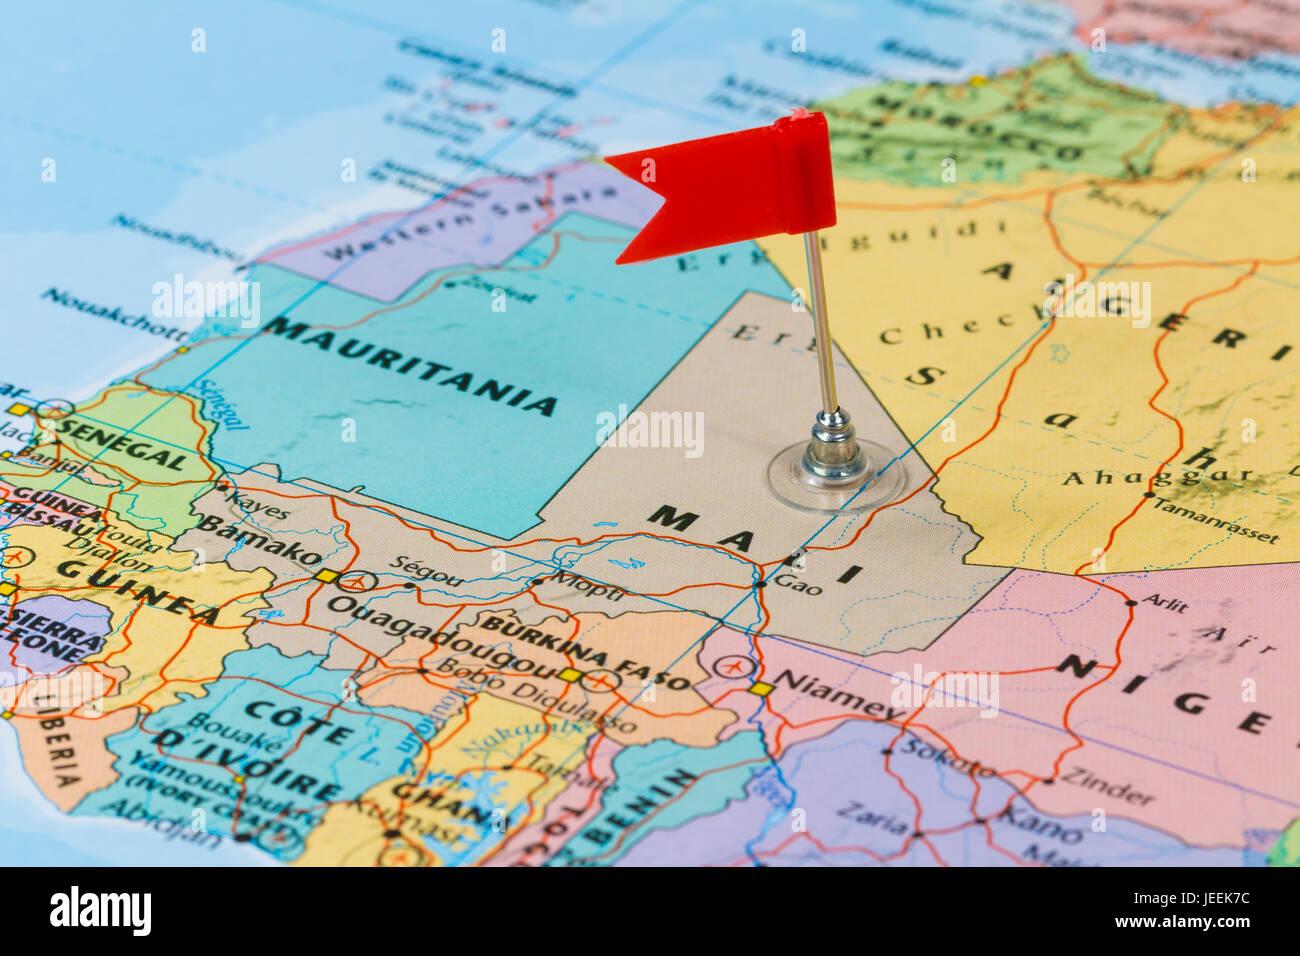 Africa Map Flag Mali Stock Photos & Africa Map Flag Mali ... on mali geography, mali flag, mali political, mali on a map, mali europe map, mali's map, burkina faso, mali map area, sierra leone, mali movement, bamako mali map, mali economic, mali gold, mali resource map, rwanda map, mali food, zimbabwe map, mali ebola, mali france map, mali currency, mali continent map, mali map in color,